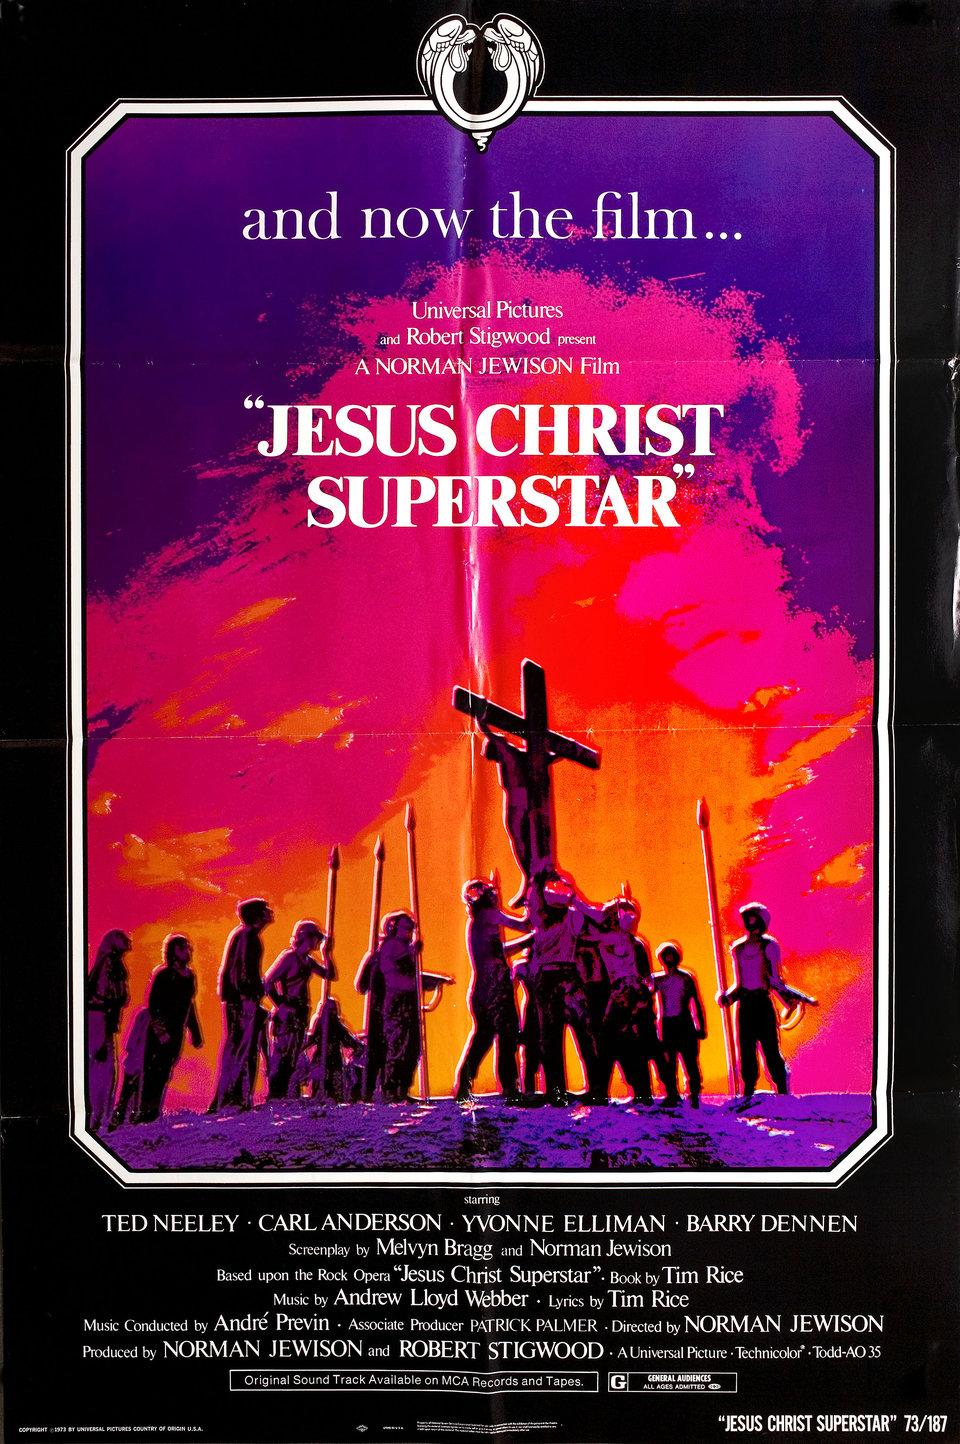 JESUS CHRIST SUPERSTAR – David di Donatello per miglior film straniero